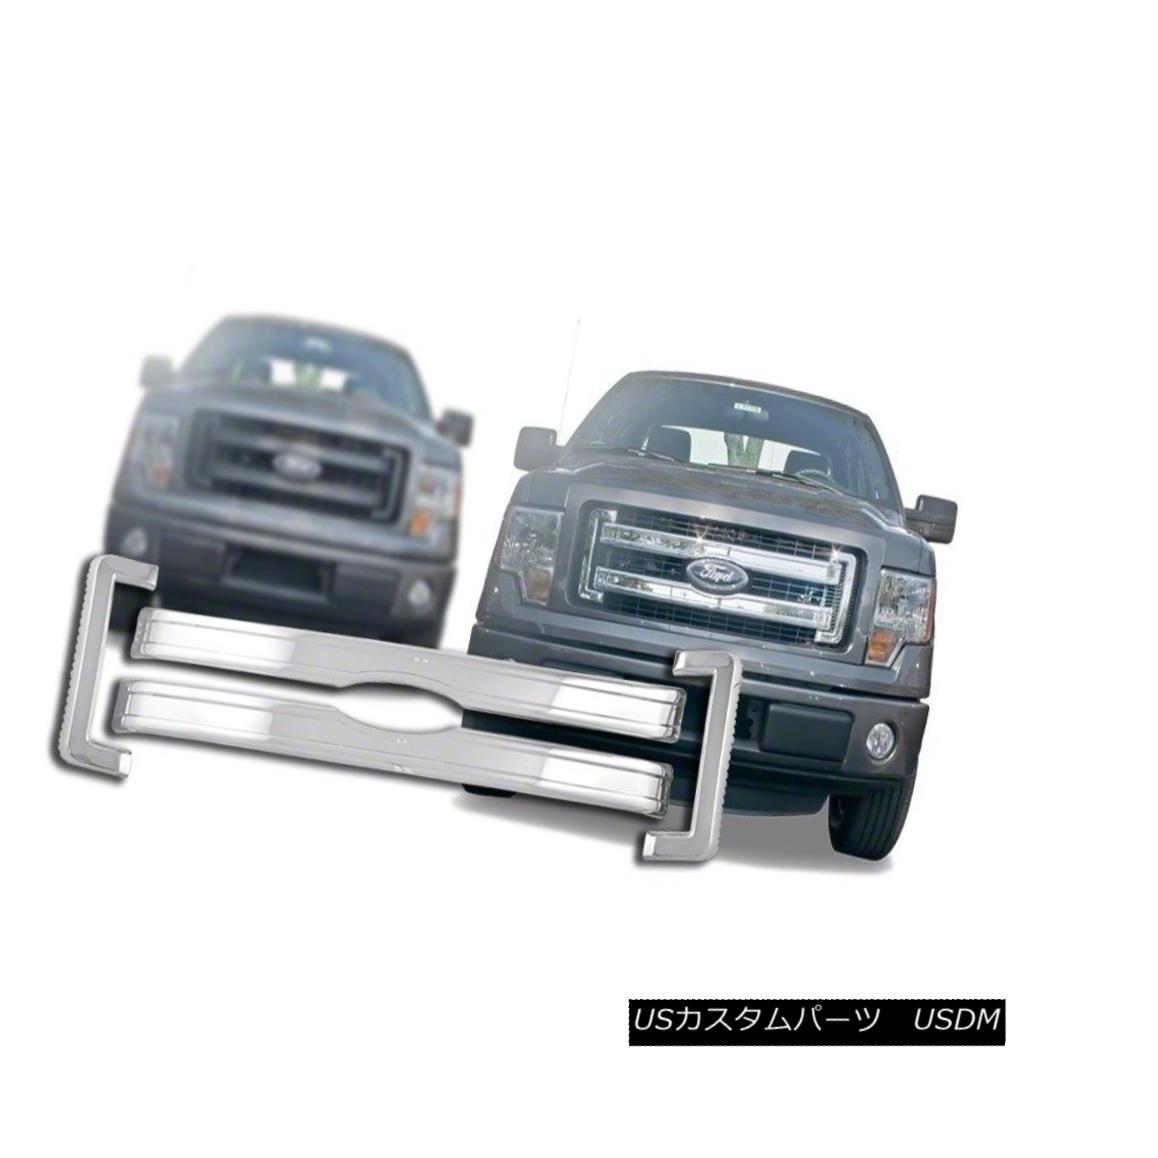 グリル IWCGI113-Chrome Grille Overlay-Fits 2013-14 Ford F150 IWCGI113-Chrom eグリルオーバーレイ - フィット2013-14 Ford F150